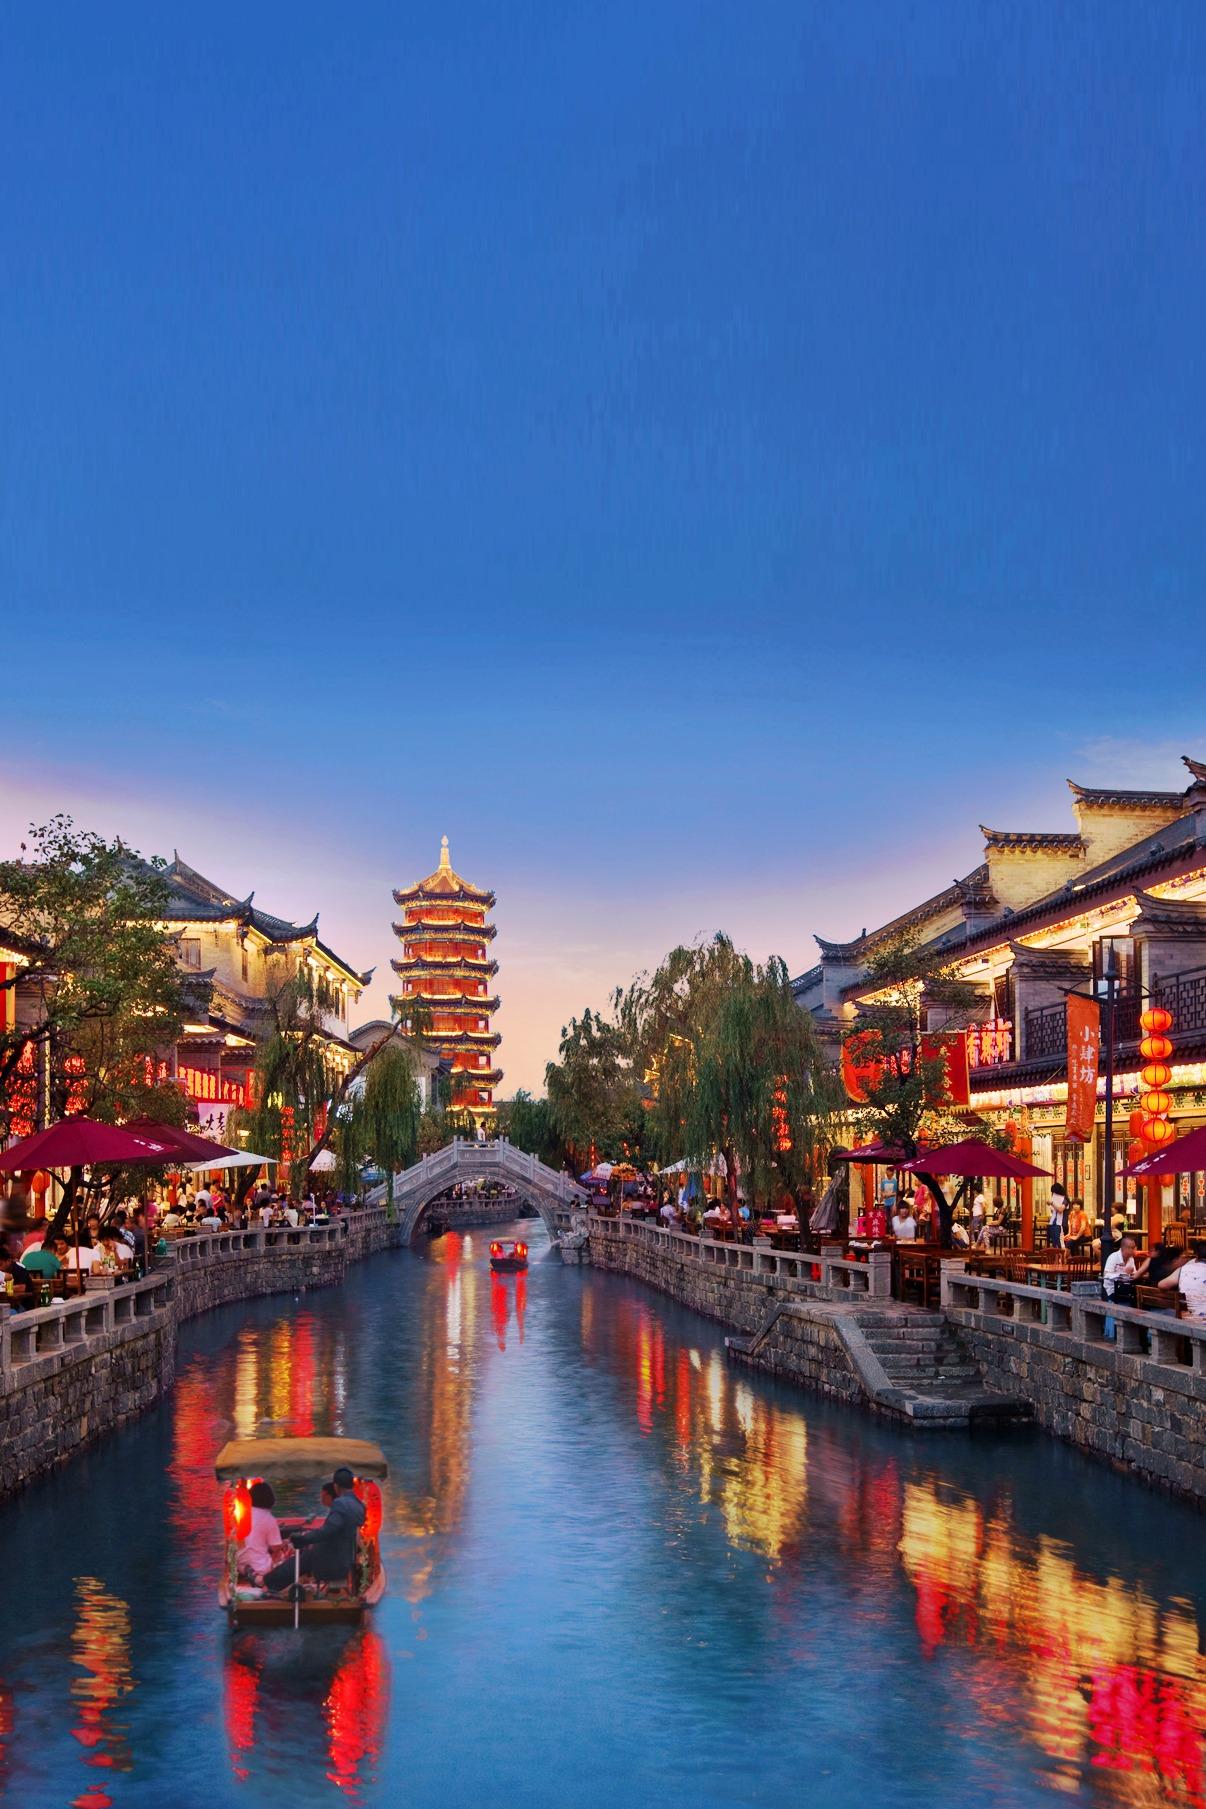 去北方江南水乡·比丽江更美的古城·滦州古城送船票